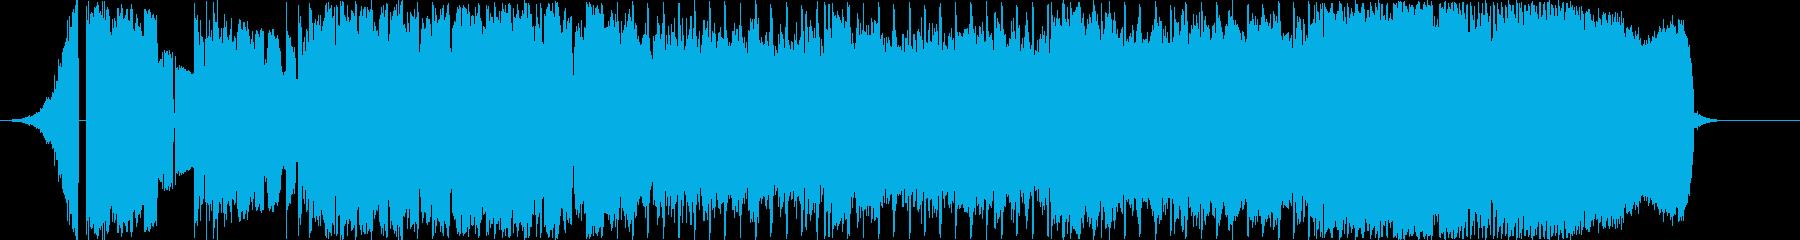 ロックな出囃子の再生済みの波形